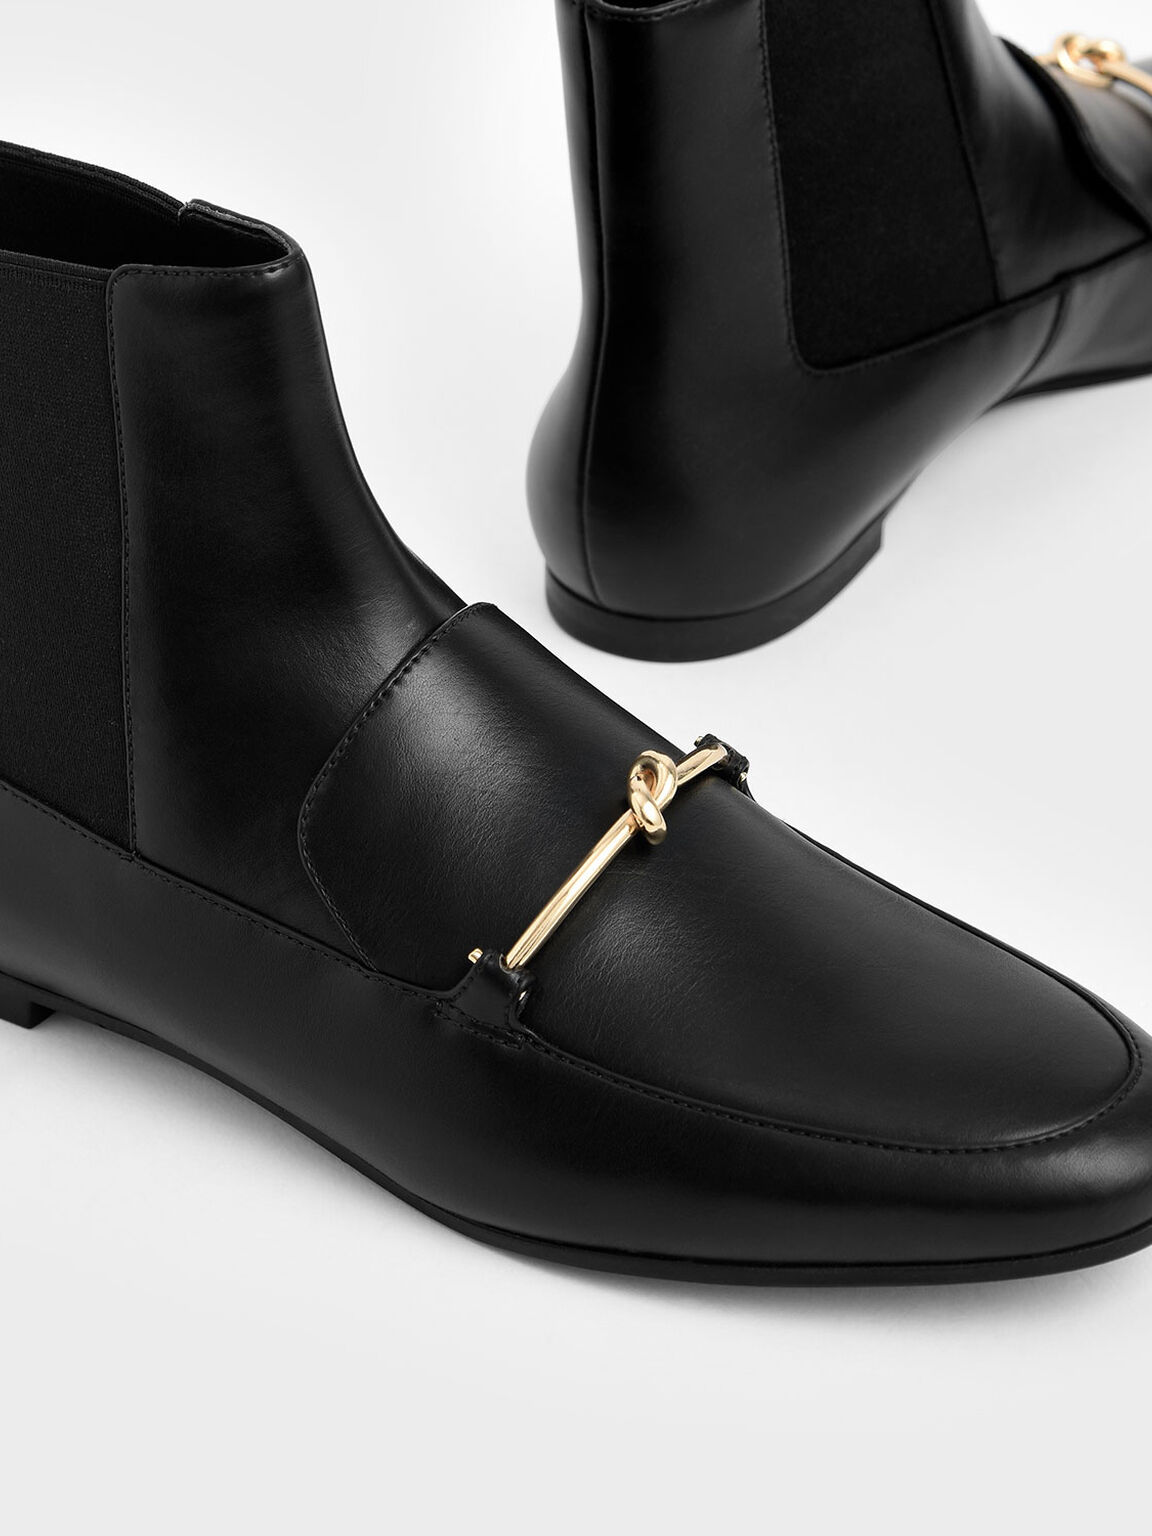 Metallic Knot Accent Chelsea Boots, Black, hi-res